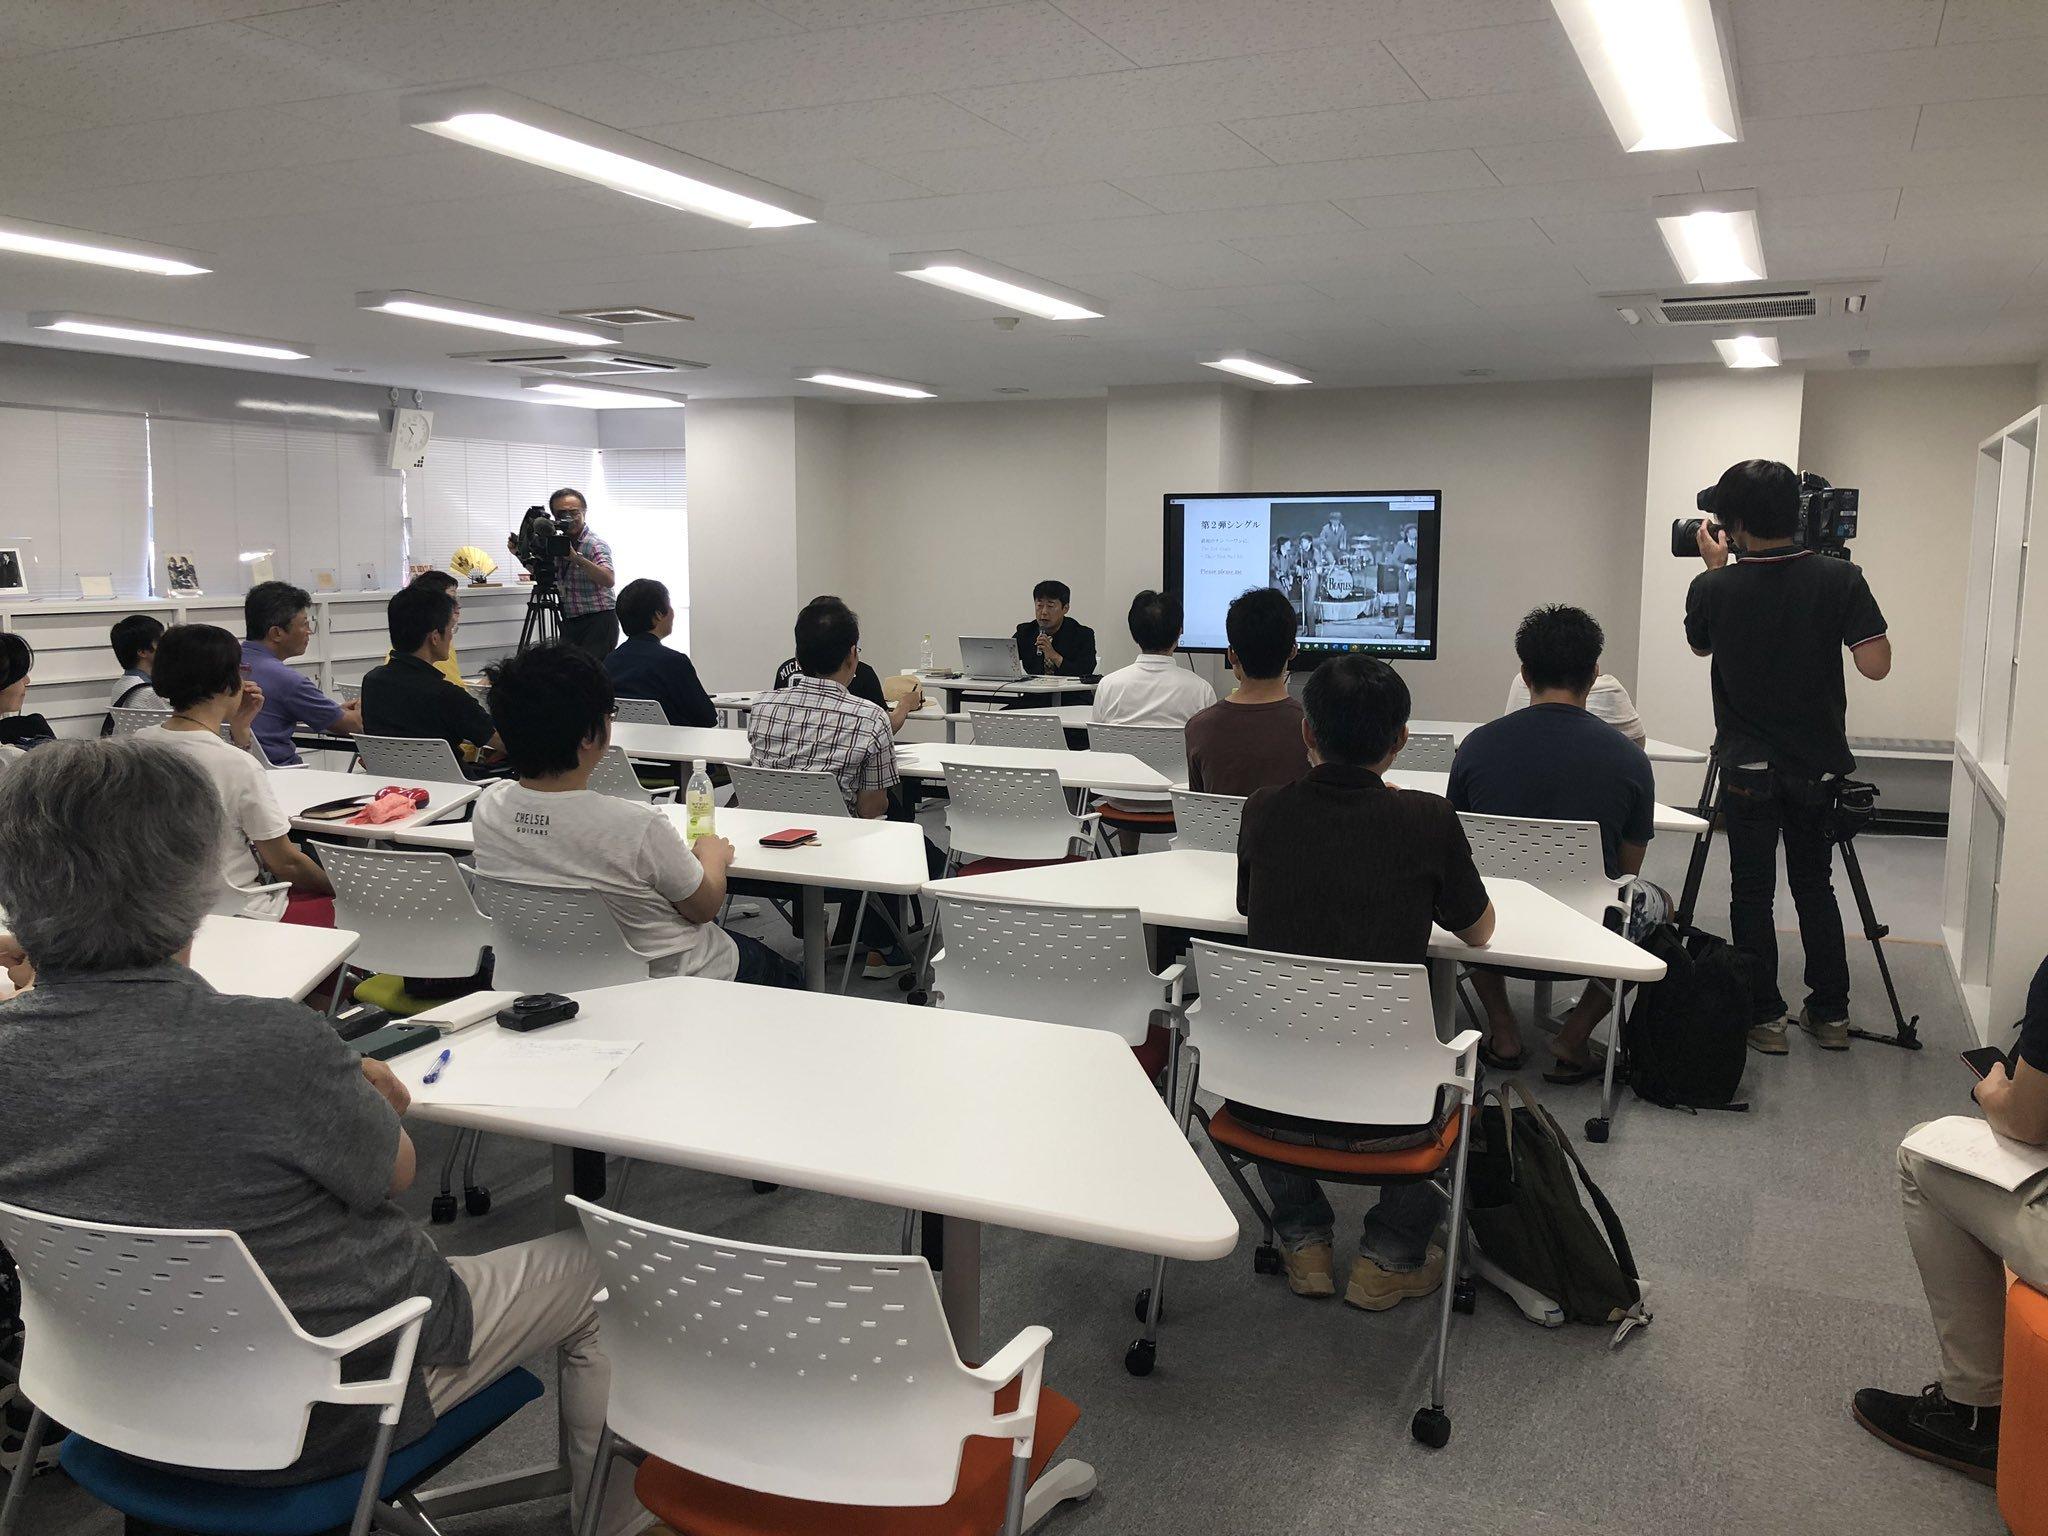 """金沢大学でのビートルズ大学 快調な滑り出し  \""""Beatles University\"""" at Kanazawa university gets off to good start_c0172714_13541283.jpg"""